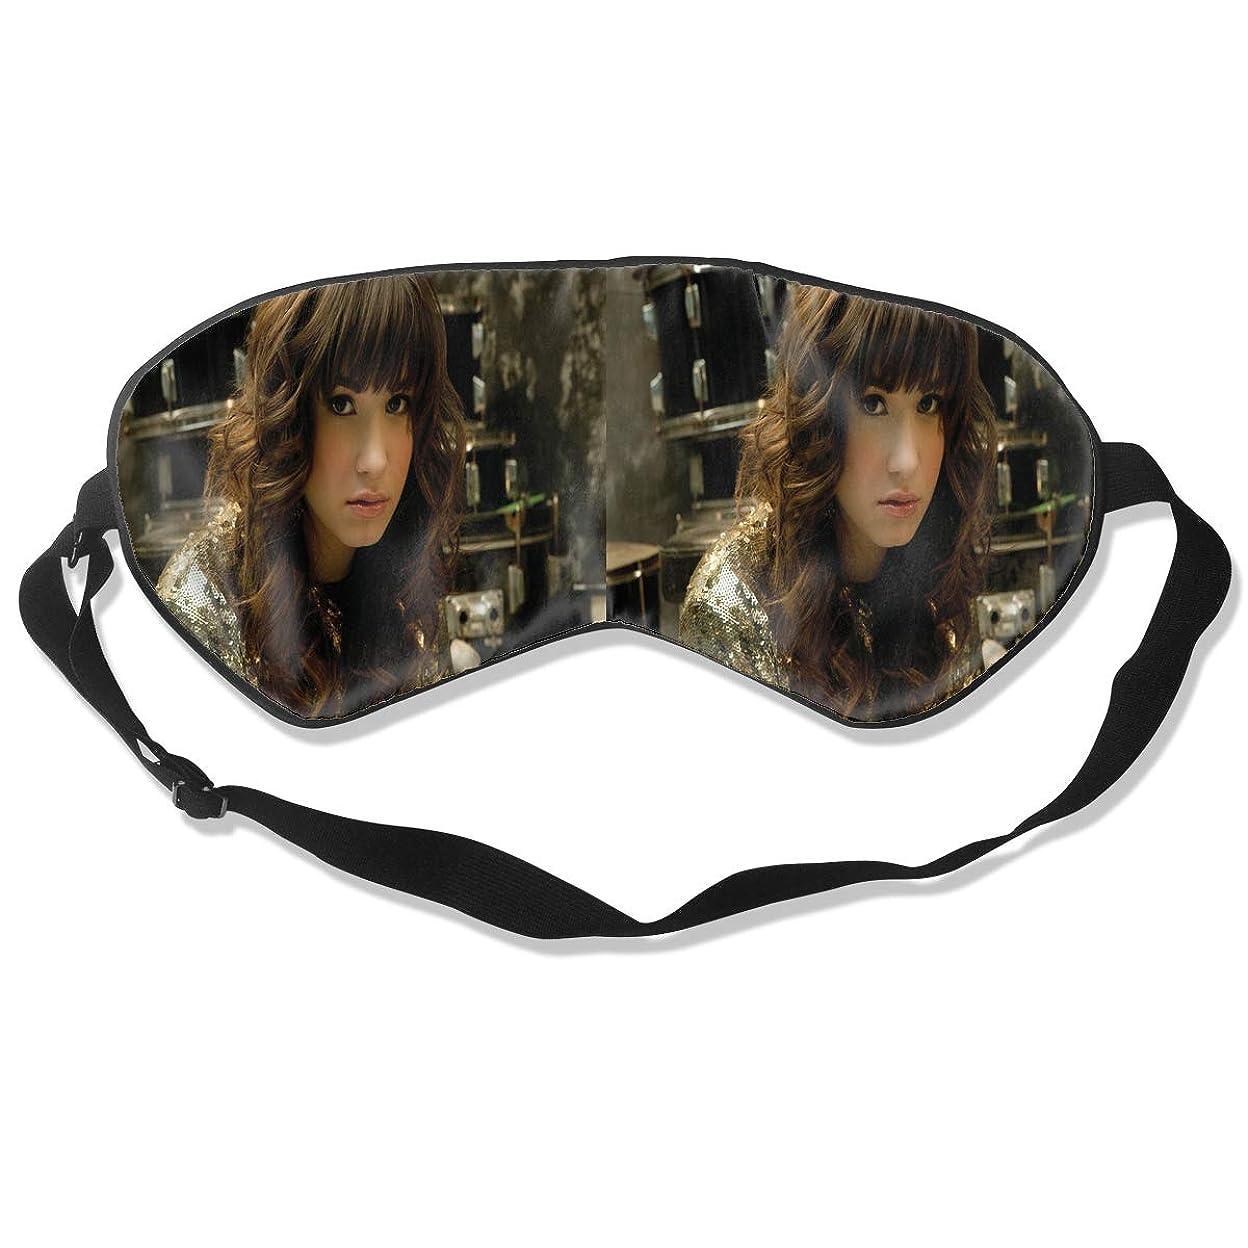 地理警察電圧アイマスク Demi Lovato 睡眠対策、いびき軽減、眠りと目の疲れ、スーパーソフト、超滑らかな絹のような通気性